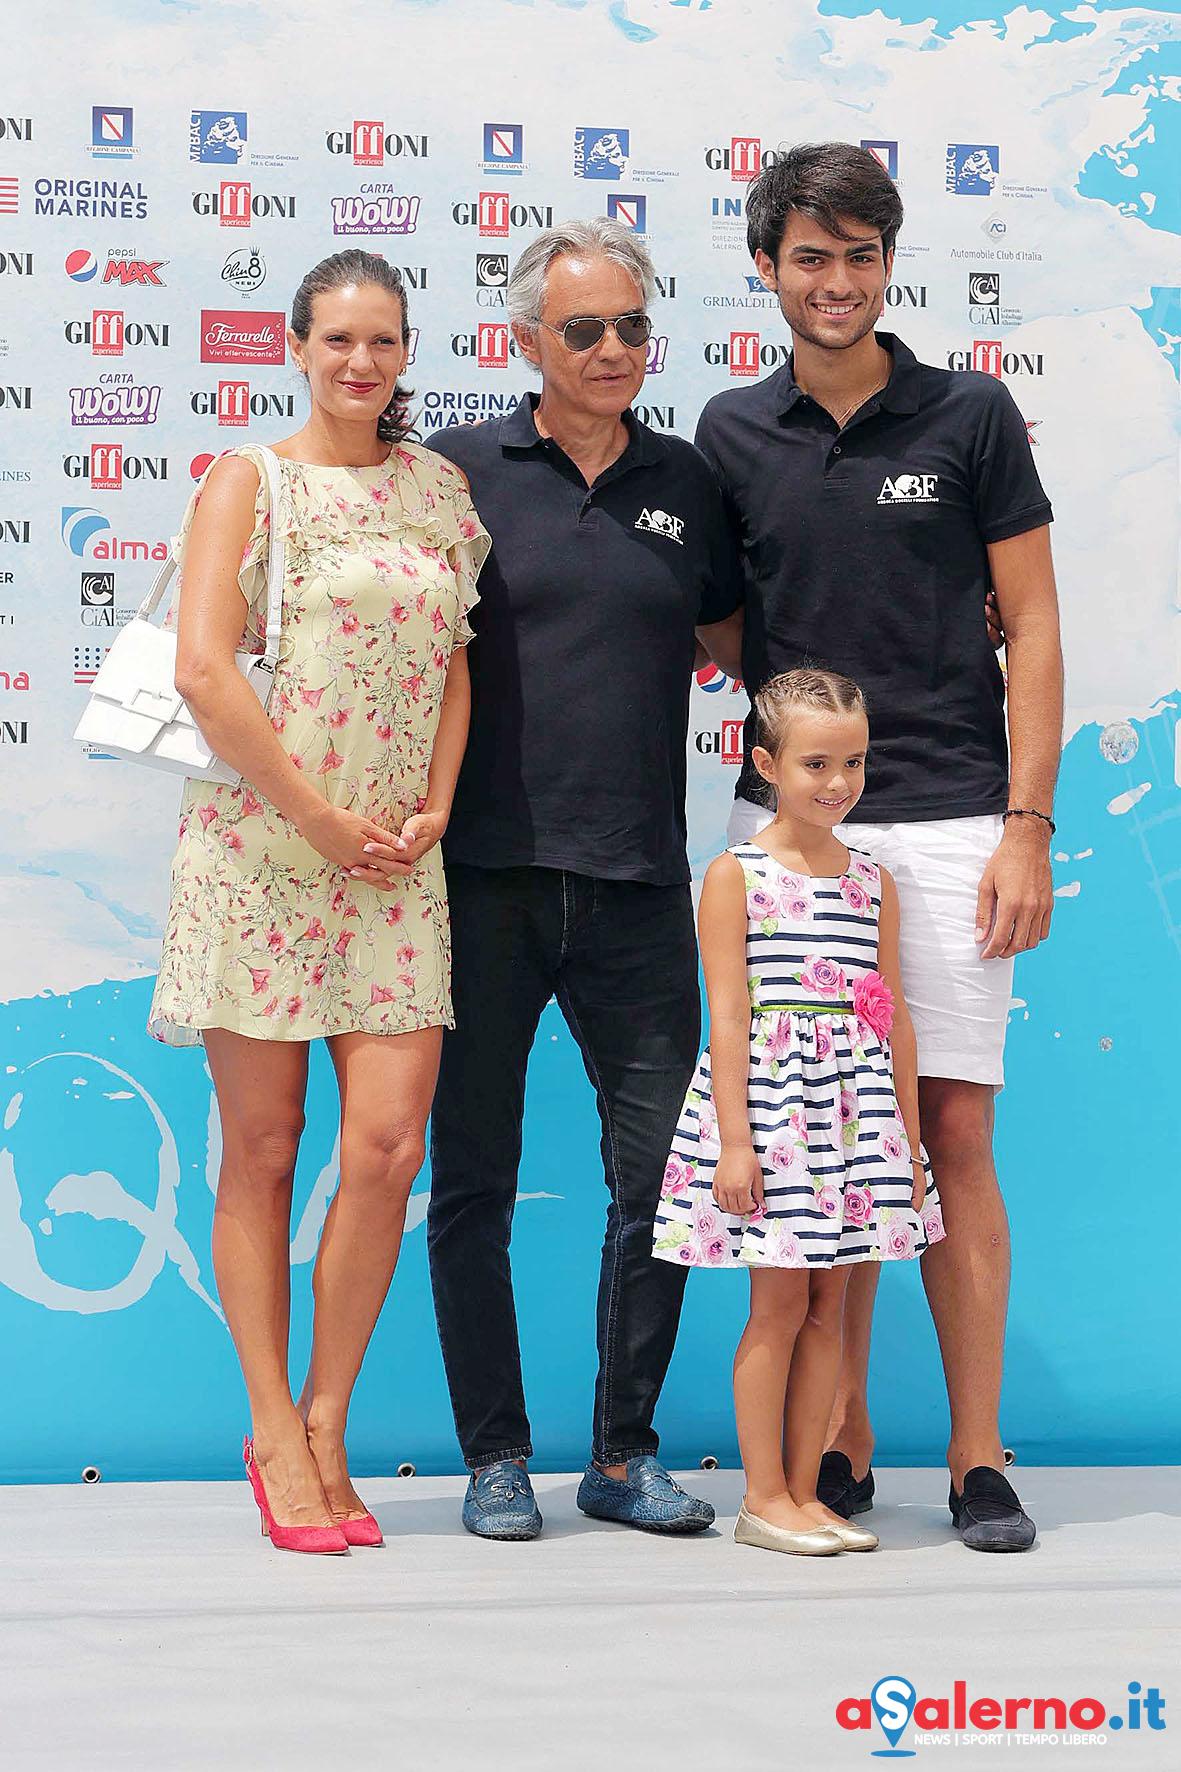 SAL - 20 07 2018 Giffoni. Nella foto Andrea Bocelli e famiglia. Foto Tanopress